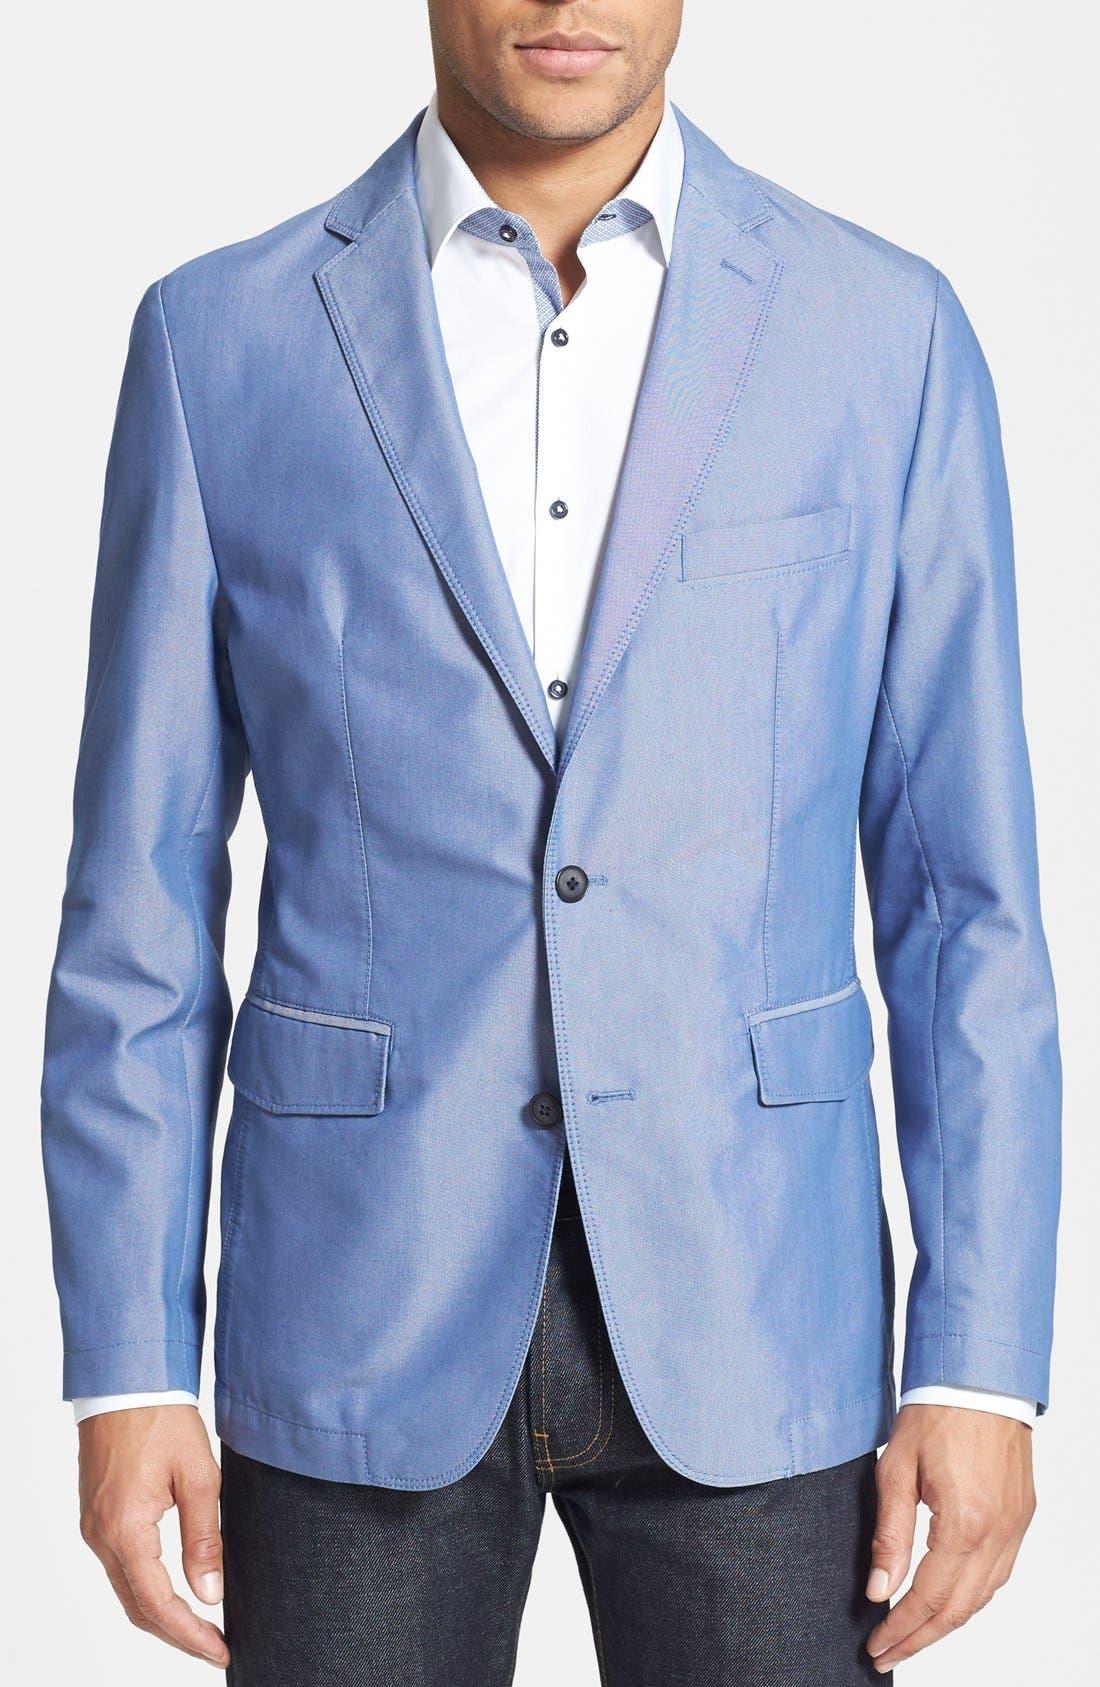 Alternate Image 1 Selected - BOSS HUGO BOSS 'Morell' Regular Fit Sportcoat